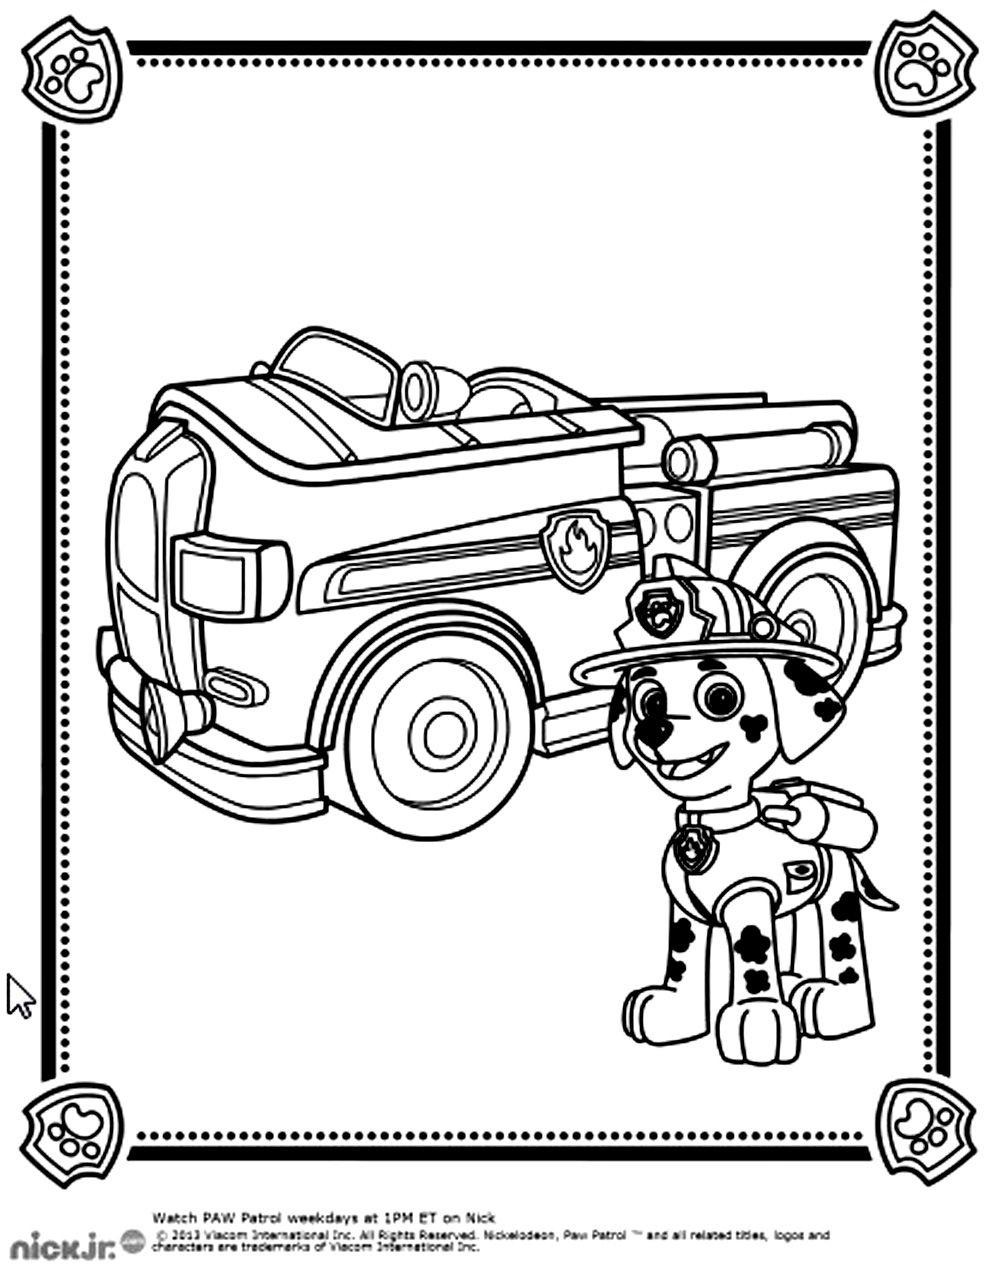 Pour Imprimer Ce Coloriage Gratuit «Coloriage-Pat-Patrouille pour Coloriage Camion De Pompier Gratuit À Imprimer